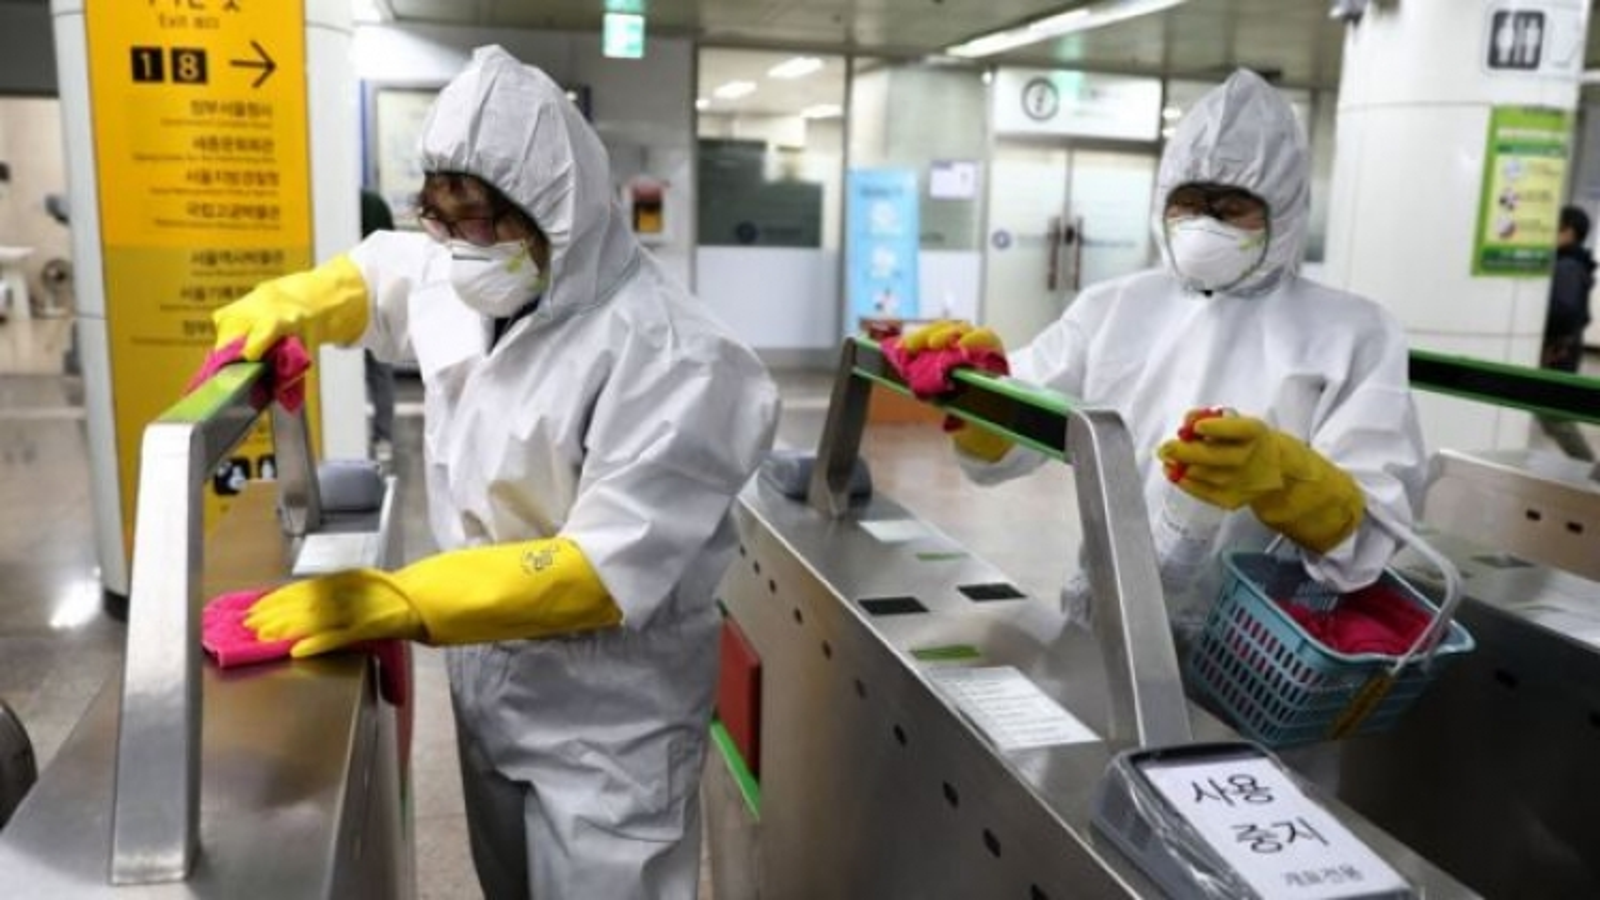 Ca mắc Covid-19 tăng kỷ lục, Hàn Quốc dự kiến tiêm vaccine từ tháng 4/2021